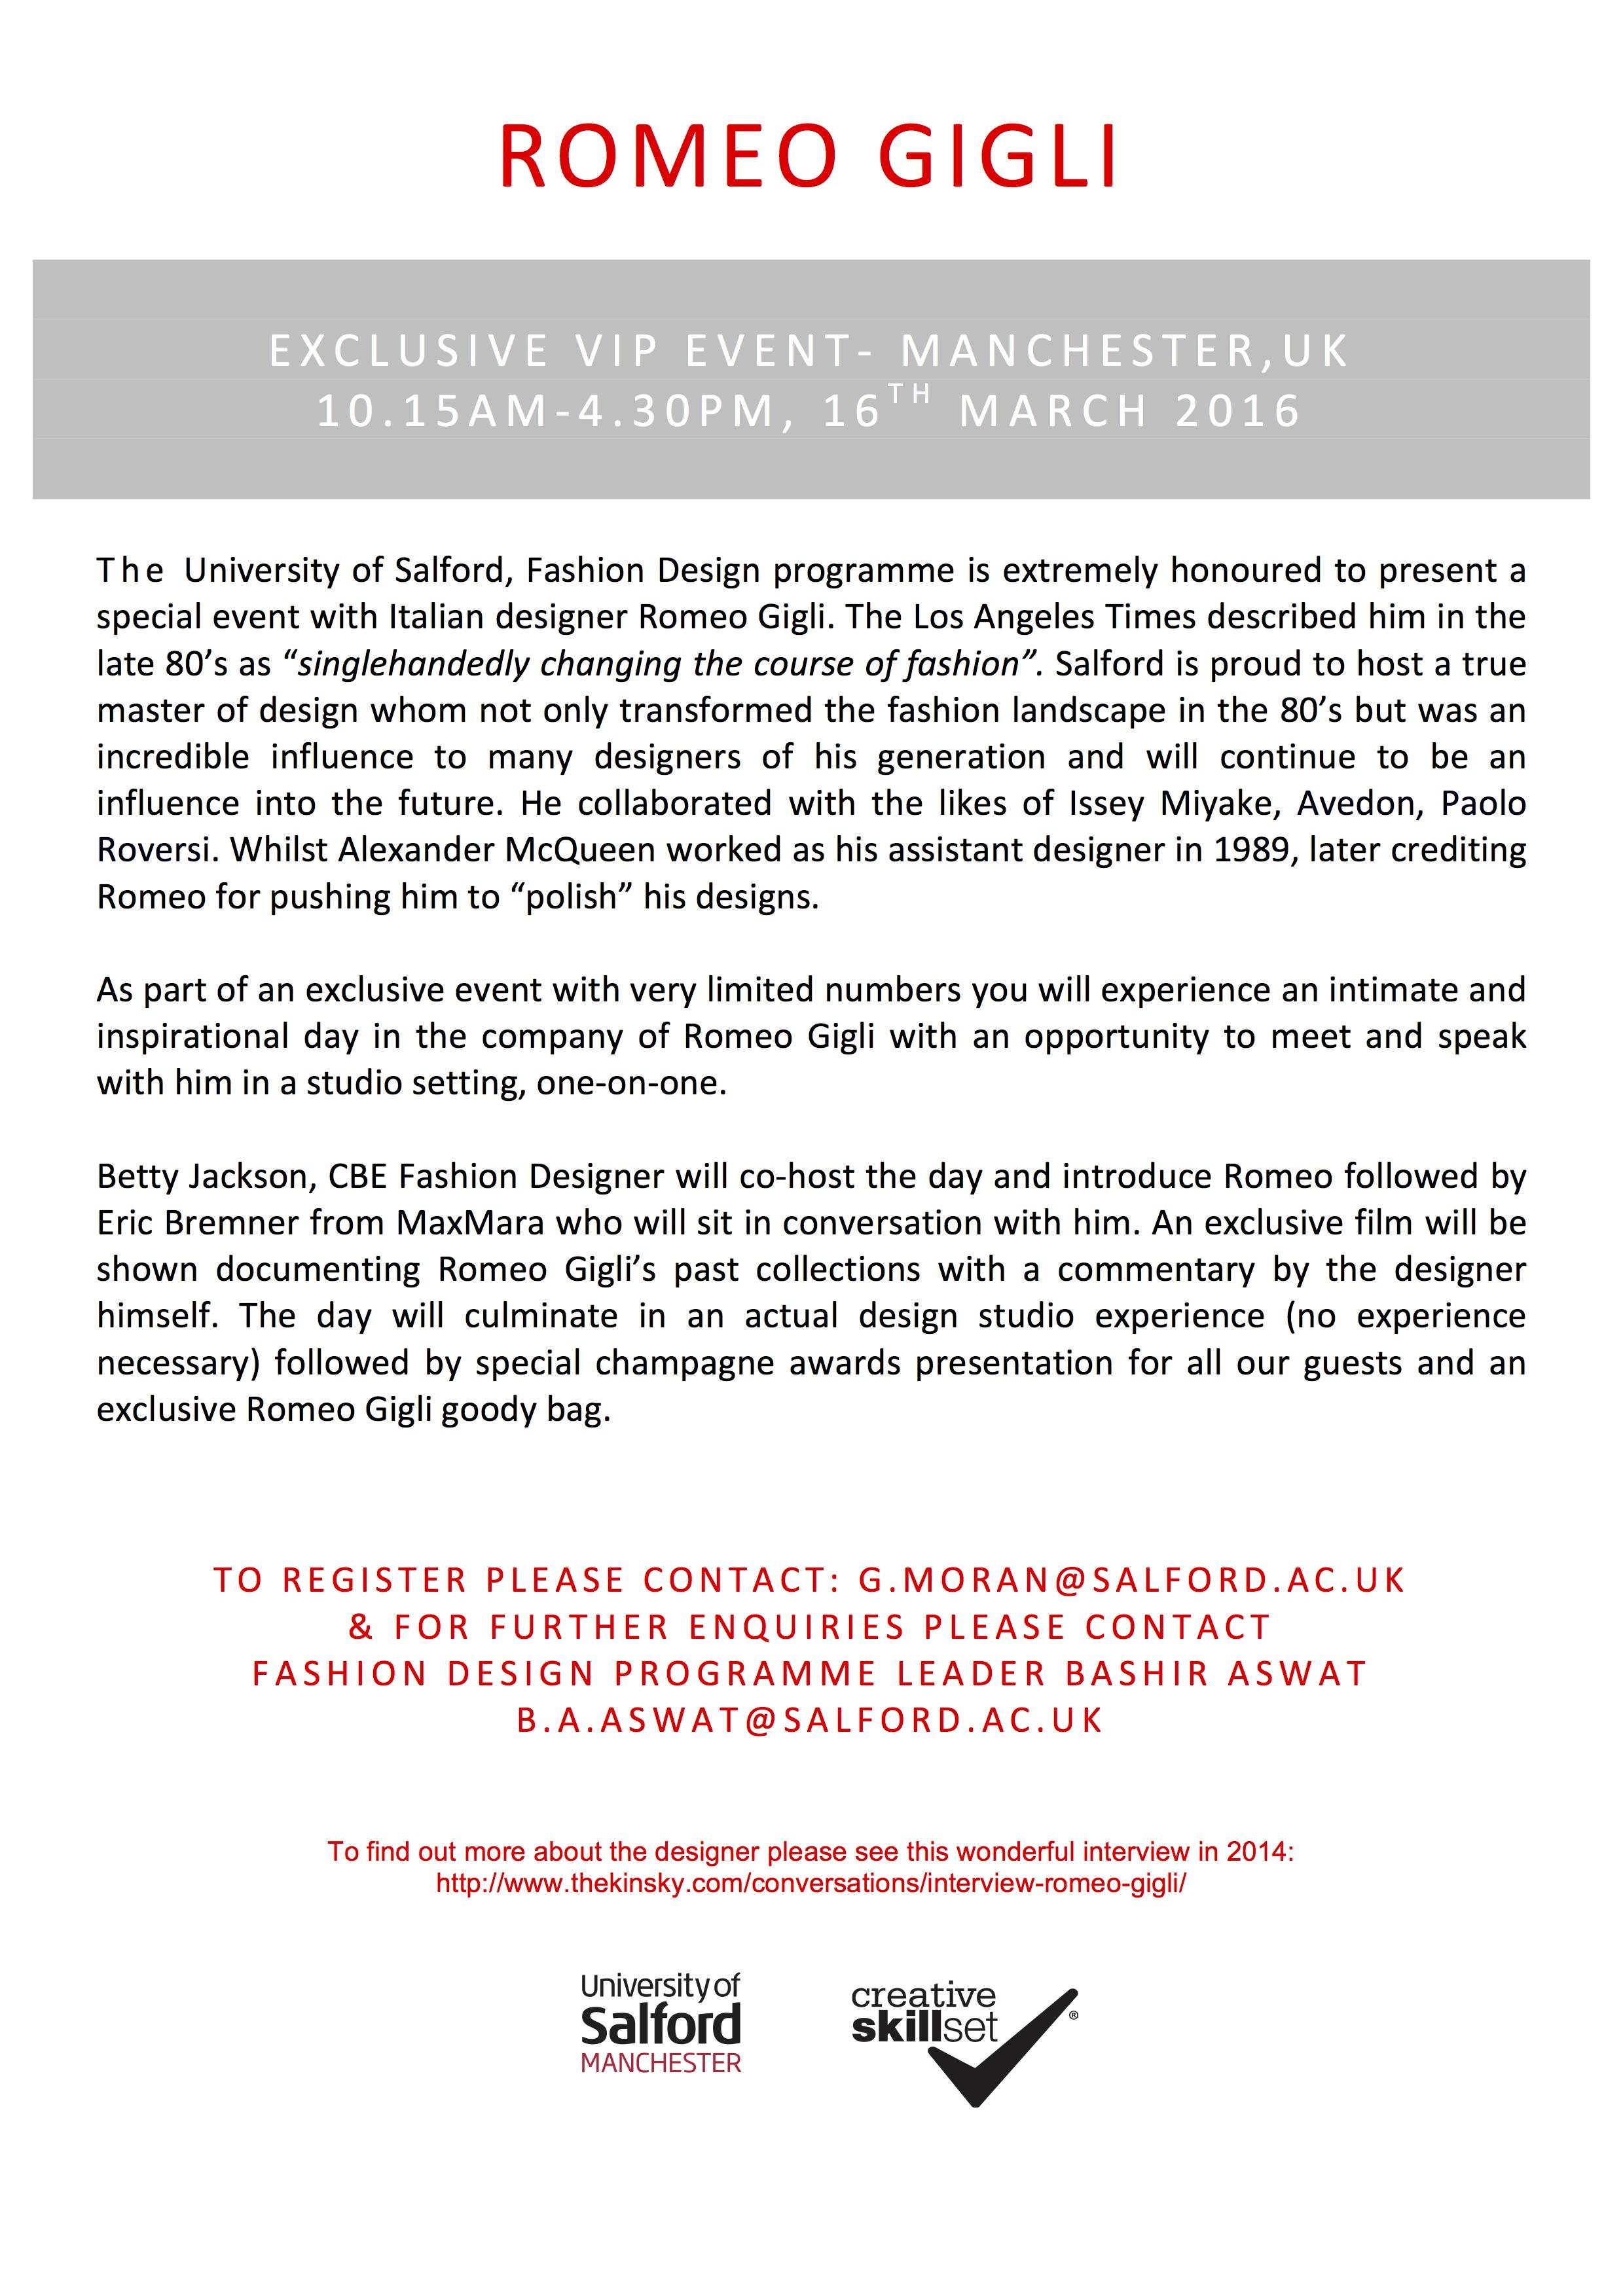 Romeo Gigli Event Invitation pdf2.jpg